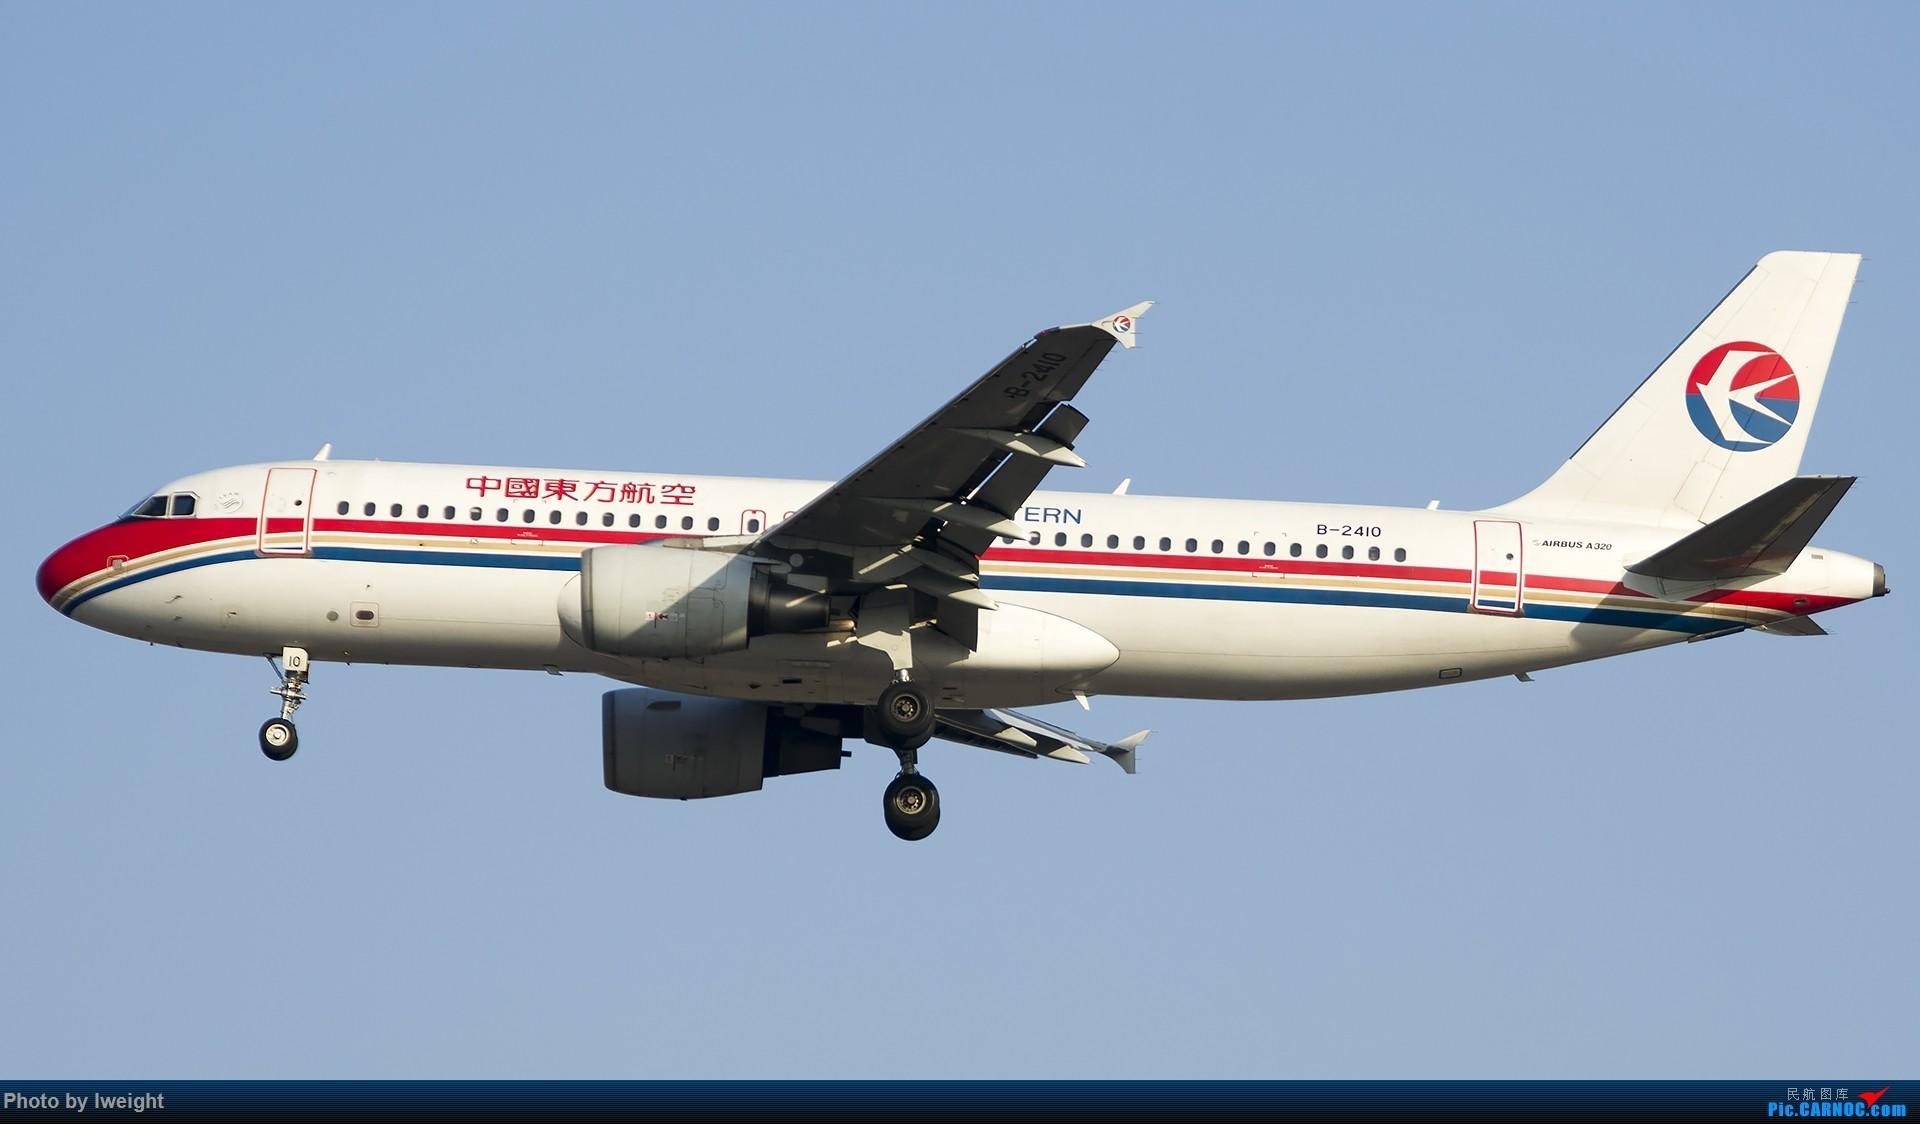 Re:[原创]2014-12-02 ZBAA随拍 AIRBUS A320-200 B-2410 中国北京首都国际机场